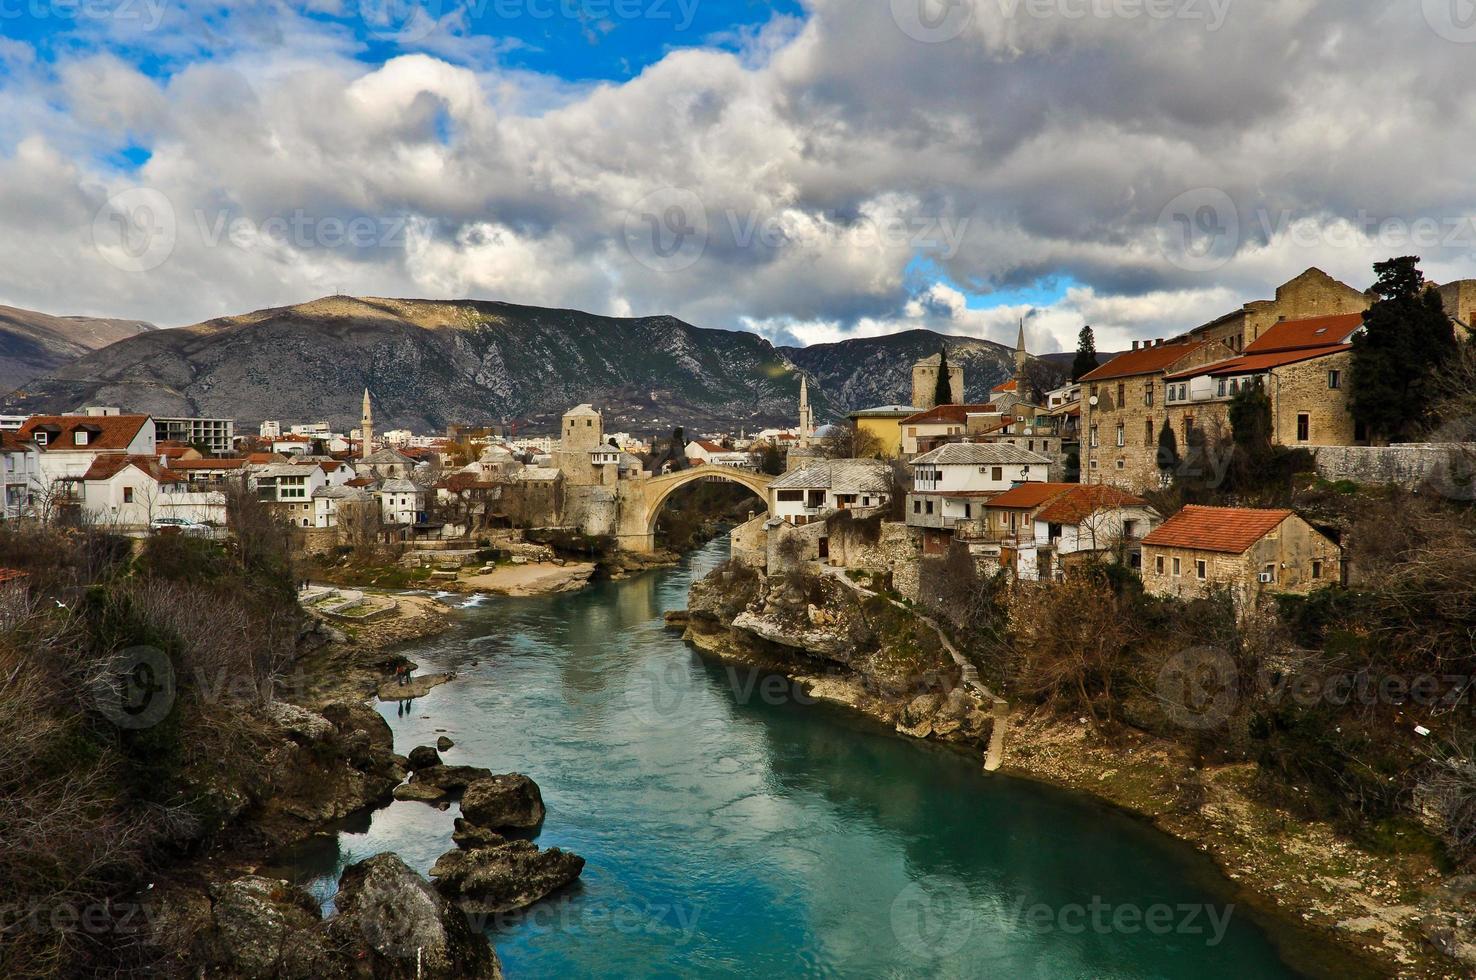 stadsgezicht en landschap van de oude stad van Mostar foto